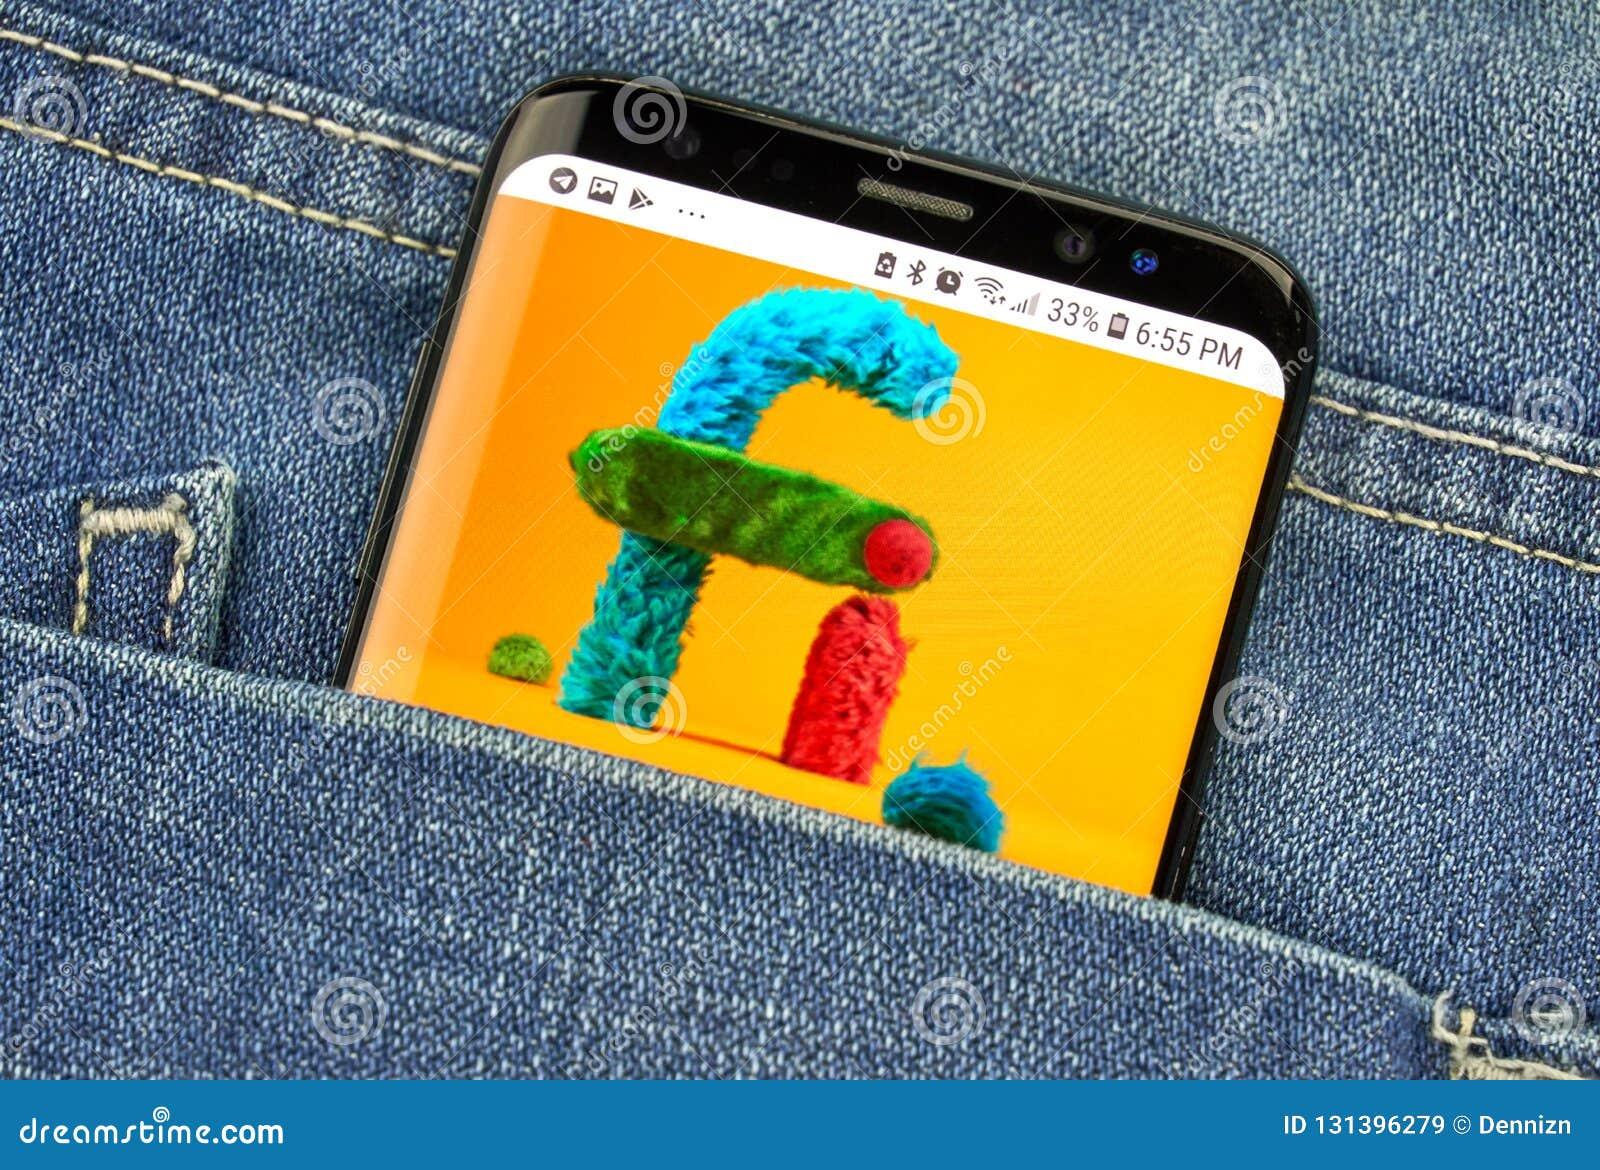 ΜΟΝΤΡΕΑΛ, ΚΑΝΑΔΑΣ - 4 ΟΚΤΩΒΡΊΟΥ 2018: Πρόγραμμα FI, κινητό εικονικό λογότυπο Google δικτύων για την οθόνη s8 Το Google είναι μια